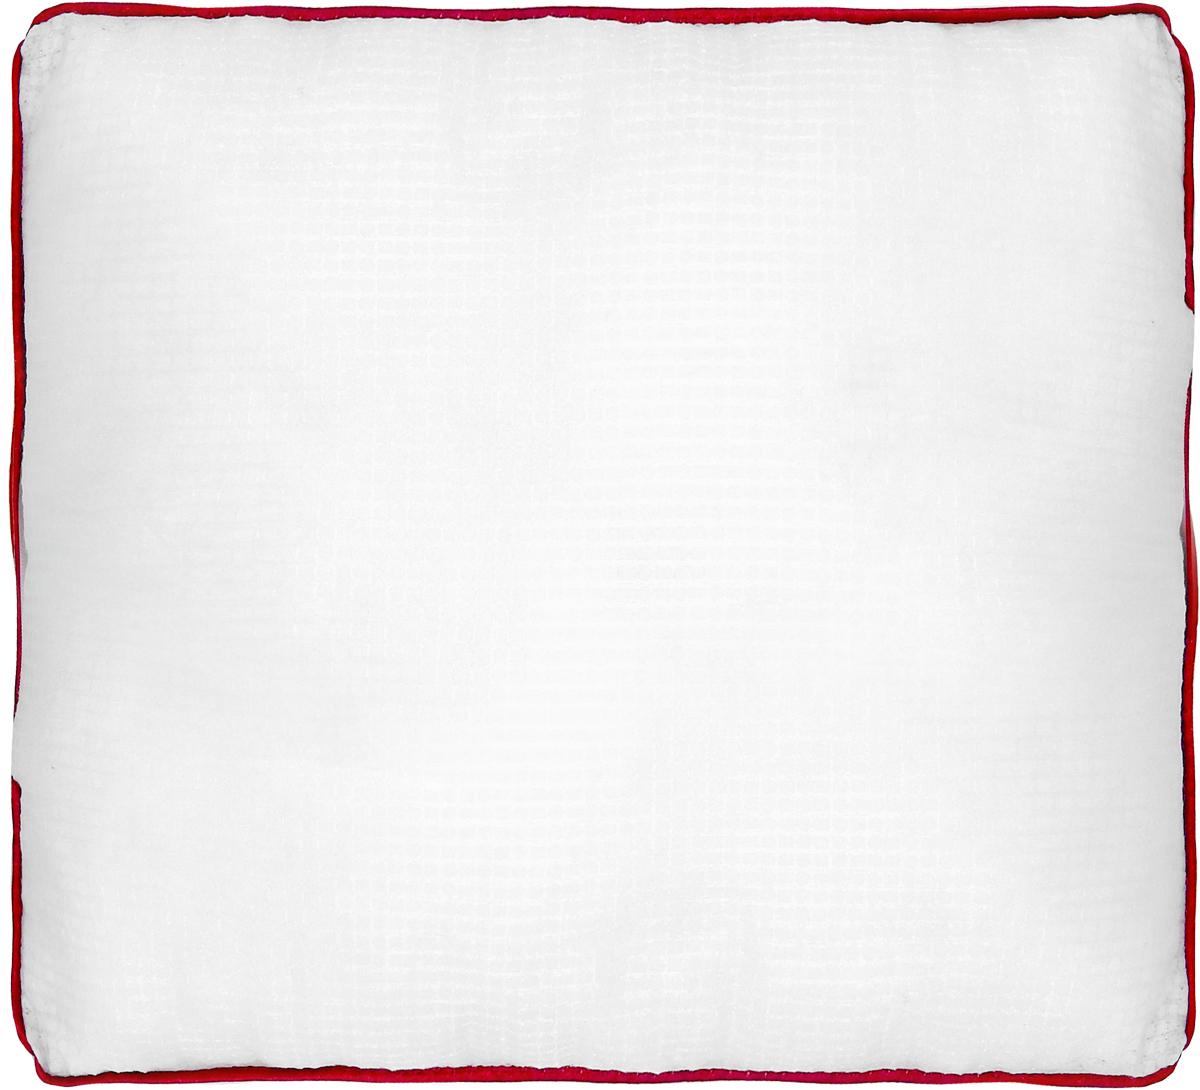 Подушка Smart Textile Невесомость, наполнитель: бамбук, цвет: белый, 70 х 70 см. OU0201OU0201Подушка Smart Textile Невесомость совмещает в себе технологию Outlast и наполнитель сбамбуковым волокном. Эта подушка предотвращает переохлаждение и перегрев – чемотличается от аналогичных товаров. Подушки мягкие, легкие и воздушные, а бамбуковый наполнитель напоминает вату или синтепон. Гипоаллергенное волокно бамбука легко пропускает воздух, не вызывает потливости. Ономгновенно впитывает влагу и быстро высыхает, что особенно важно в летний зной.Подушки упруги, великолепно держат форму, а также отличаются достаточной жесткостью. Сонна такой подушке не принесет болей в шее и позвоночнике.